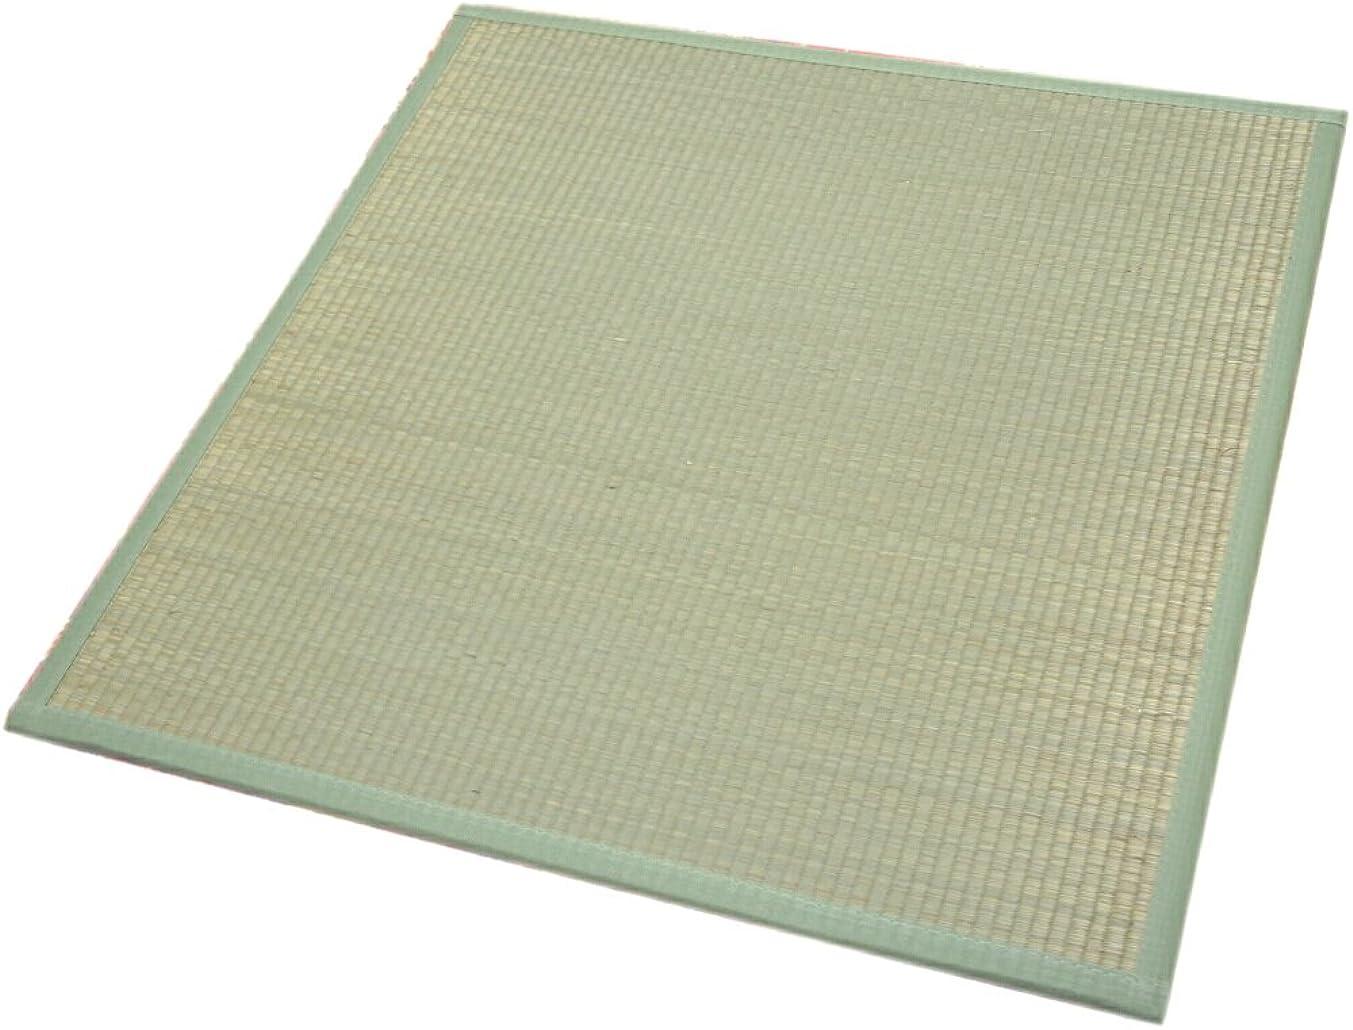 フリンジ優雅ユニット畳82x82cm:半畳サイズ12枚セット:約6畳用(246x328cm) 【不織布貼、スベリ止め加工、木製ボード使用】